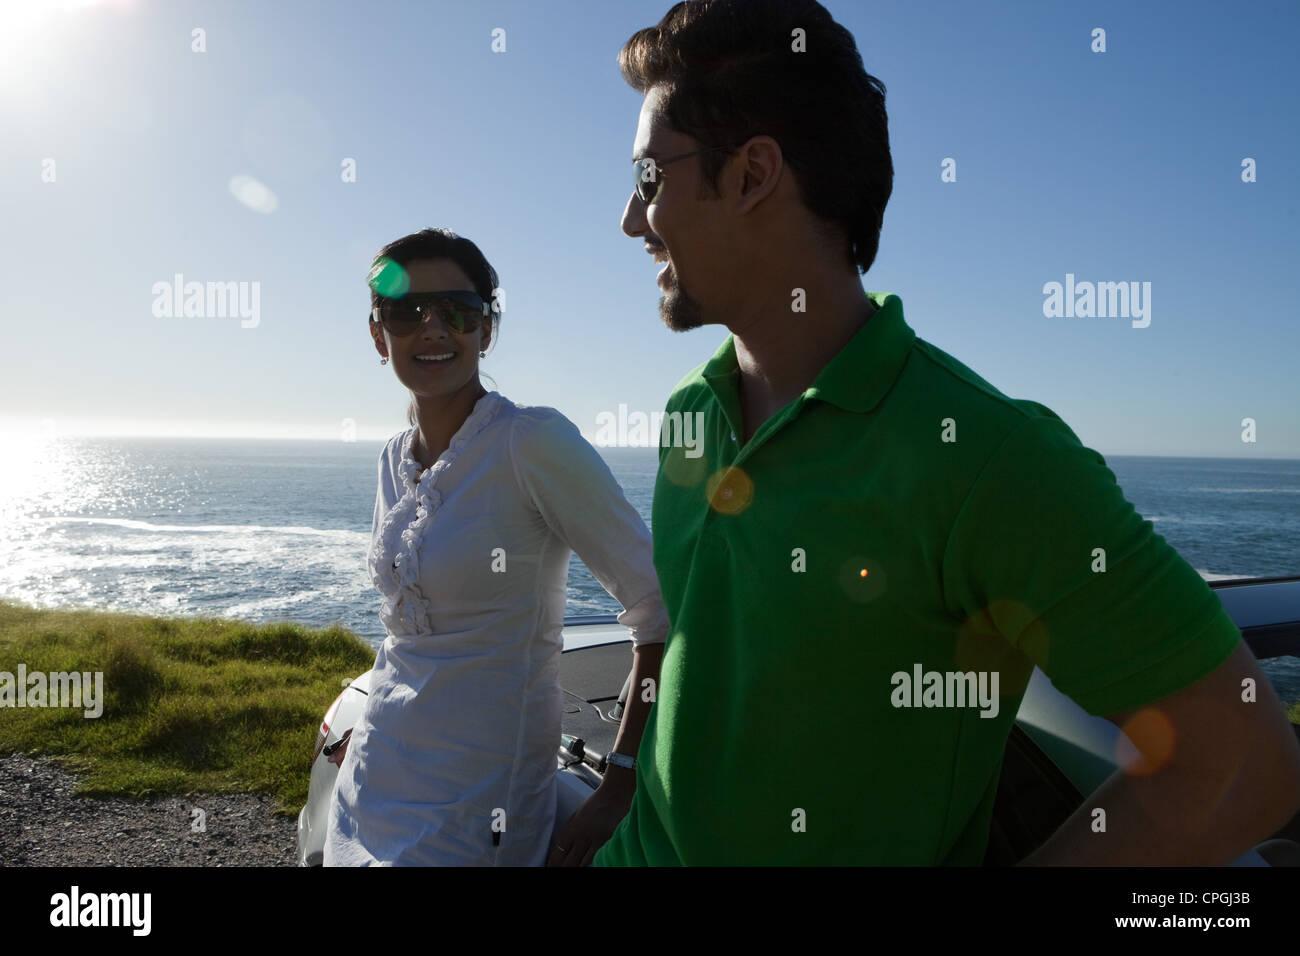 Paar gelehnt Cabrio am Meer. Stockbild